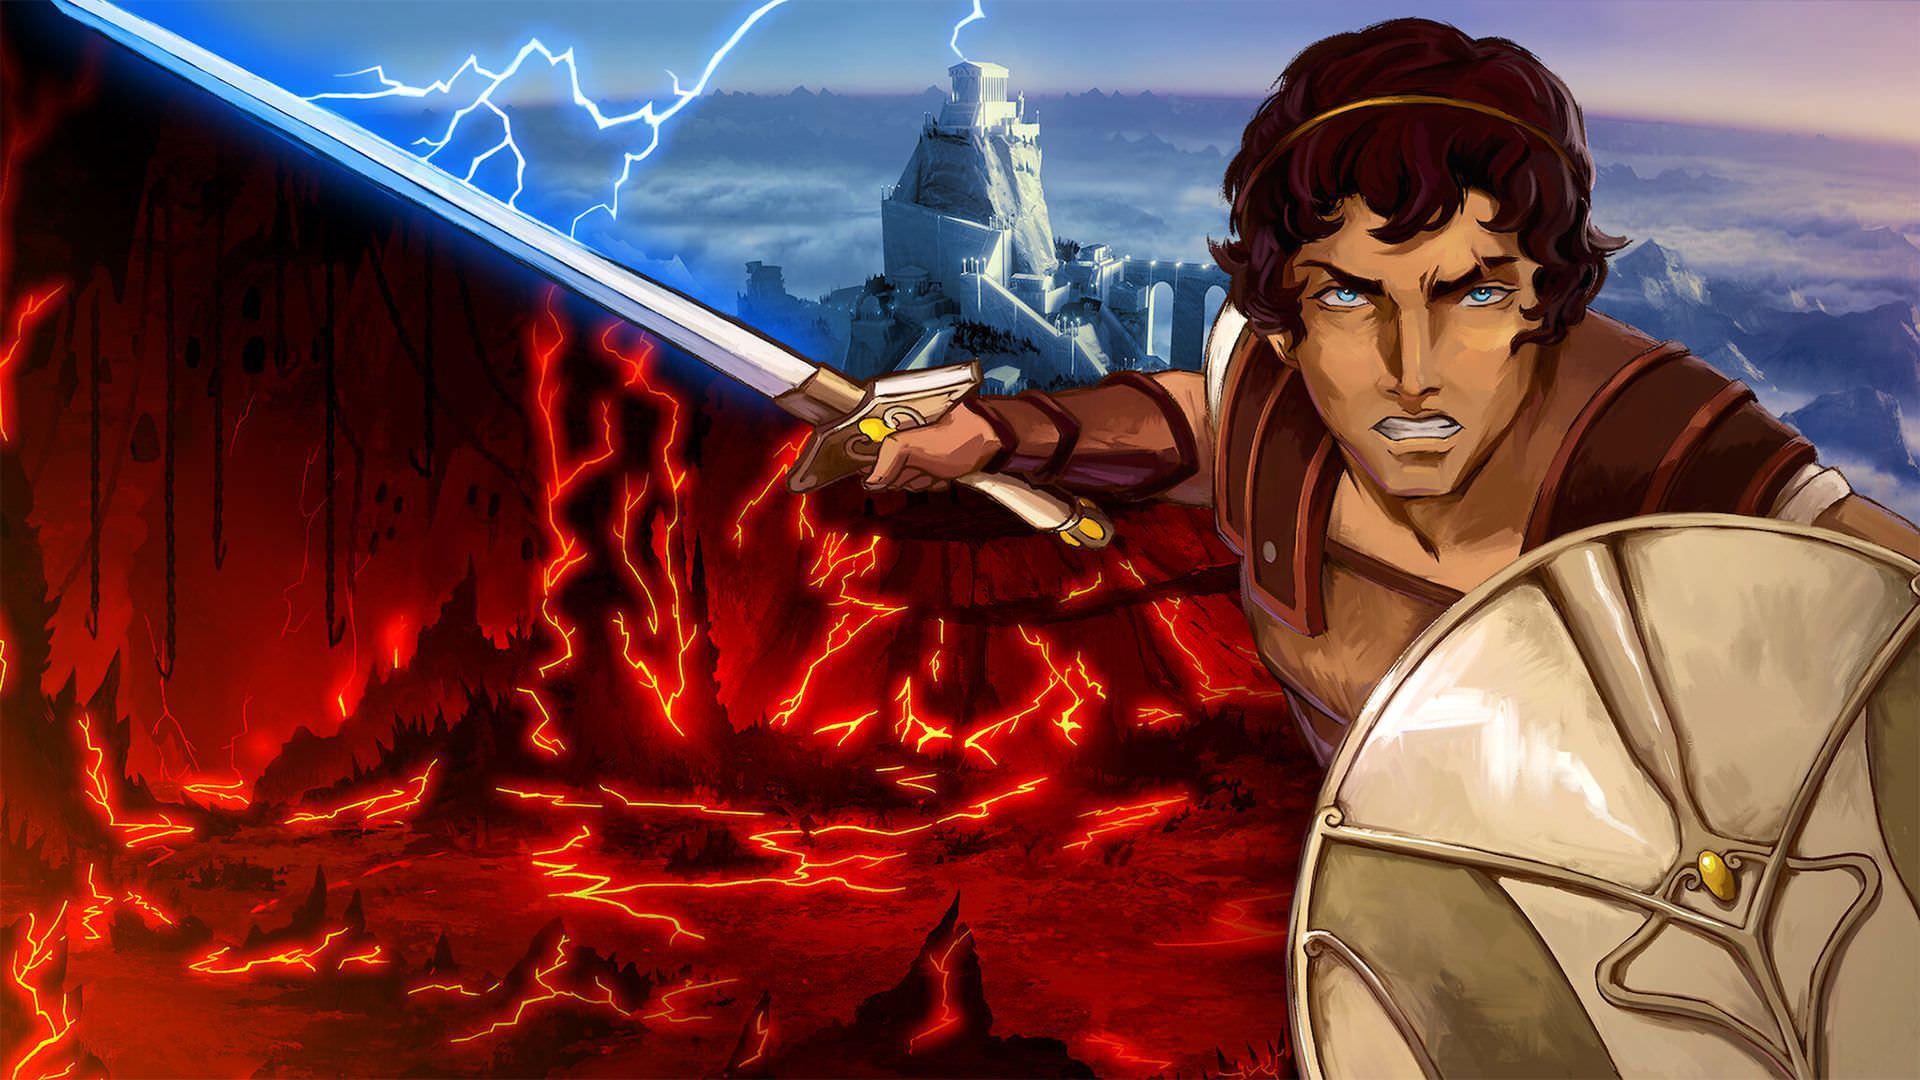 انیمیشن Blood of Zeus برای فصل دوم تمدید شد